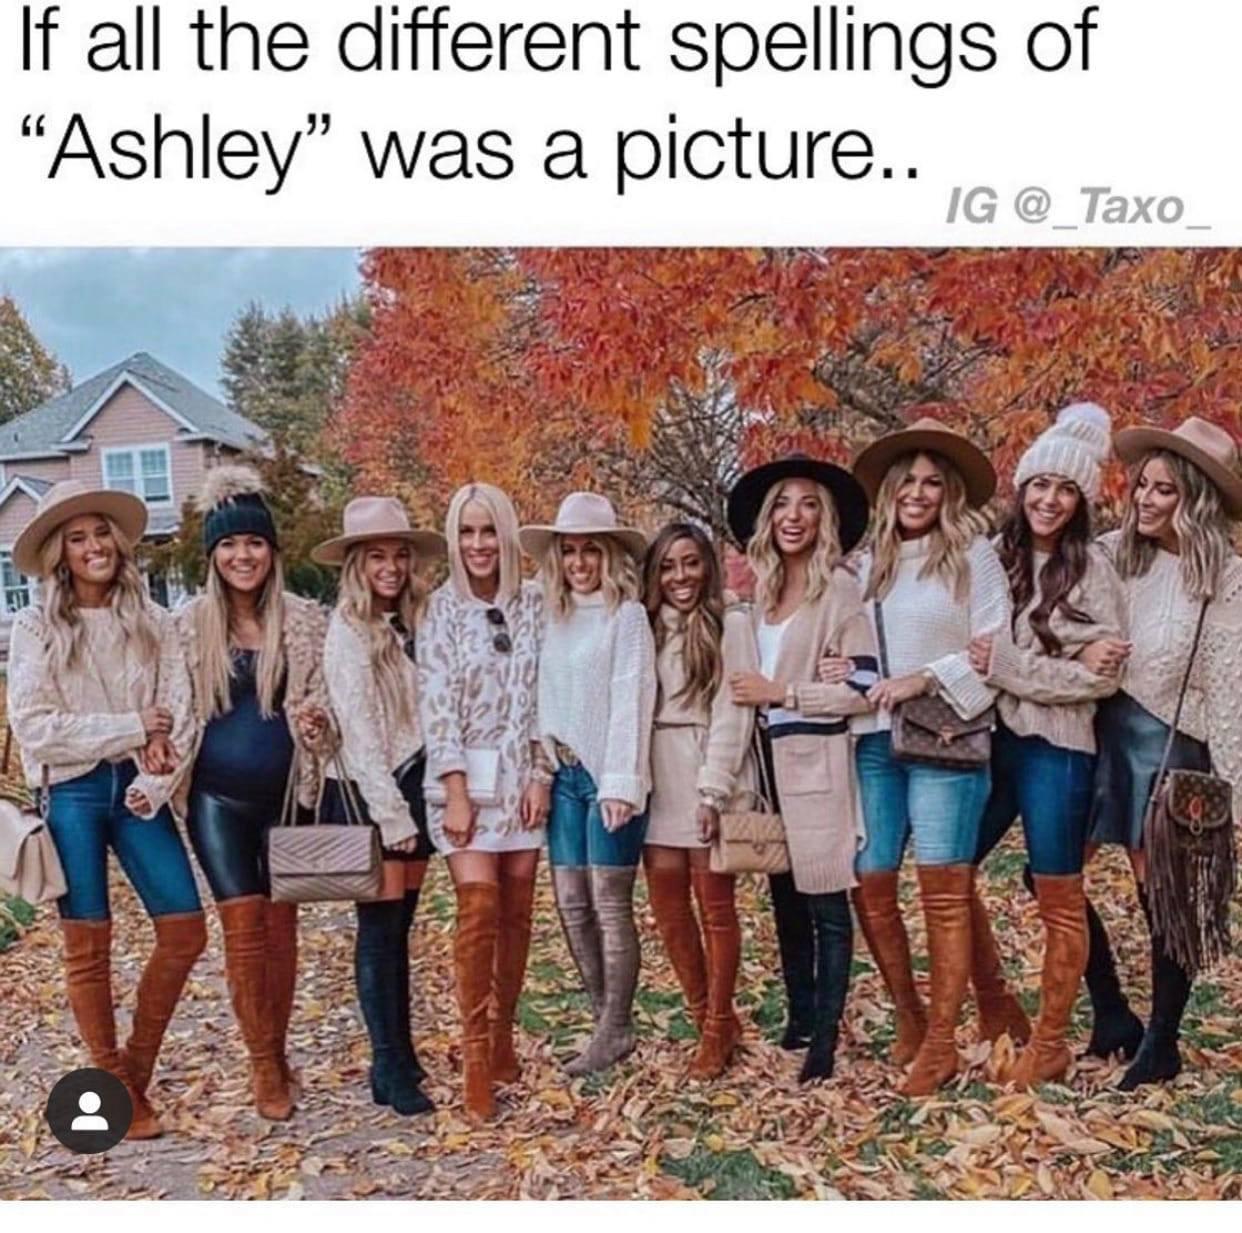 I had an Ashley in my high-school she was pretty hot